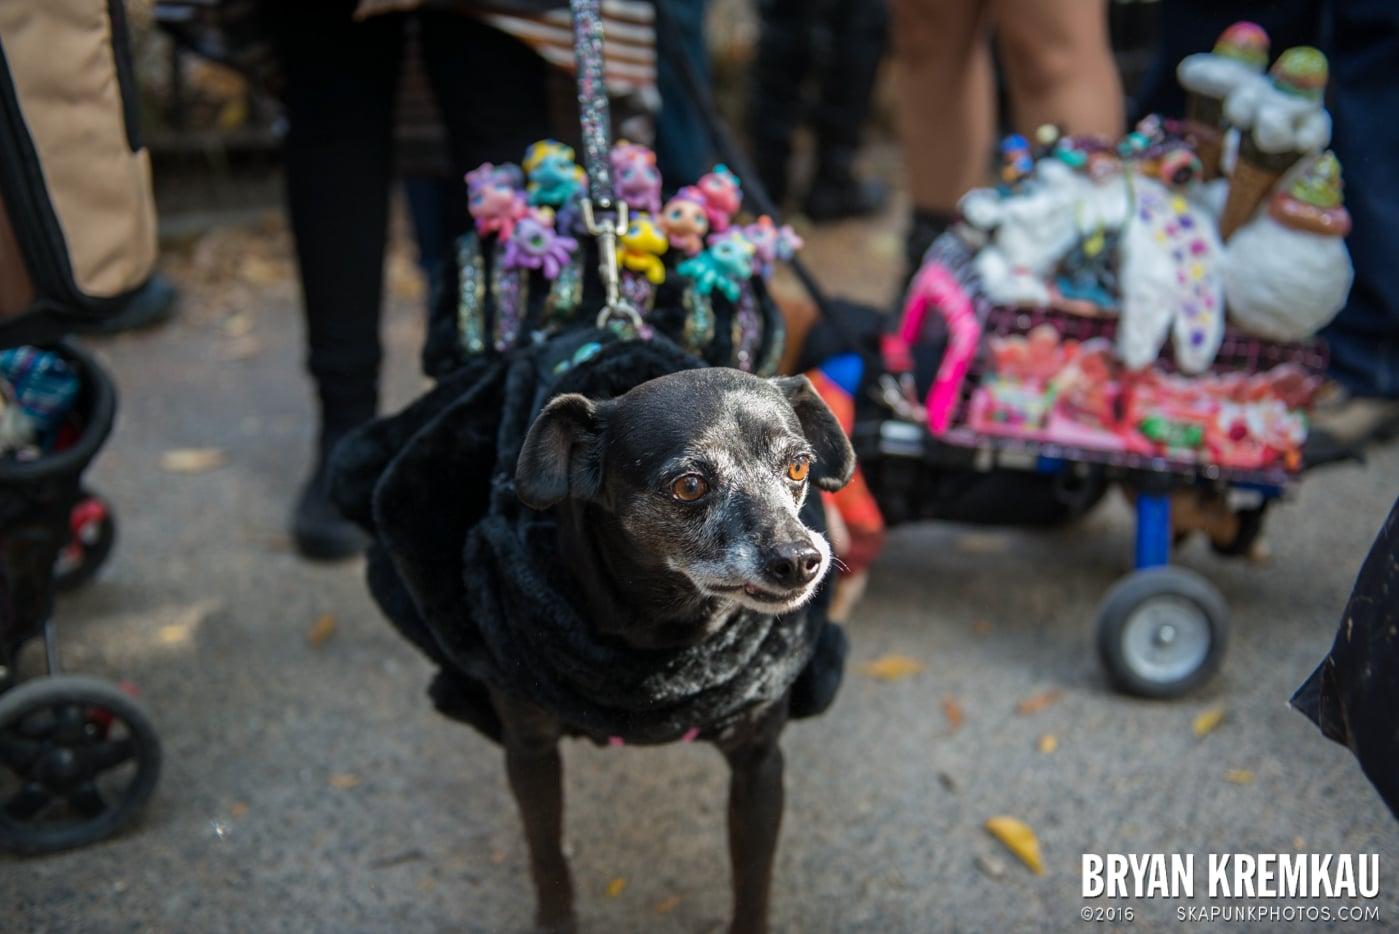 Tompkins Square Halloween Dog Parade 2013 @ Tompkins Square Park, NYC - 10.26.13 (7)